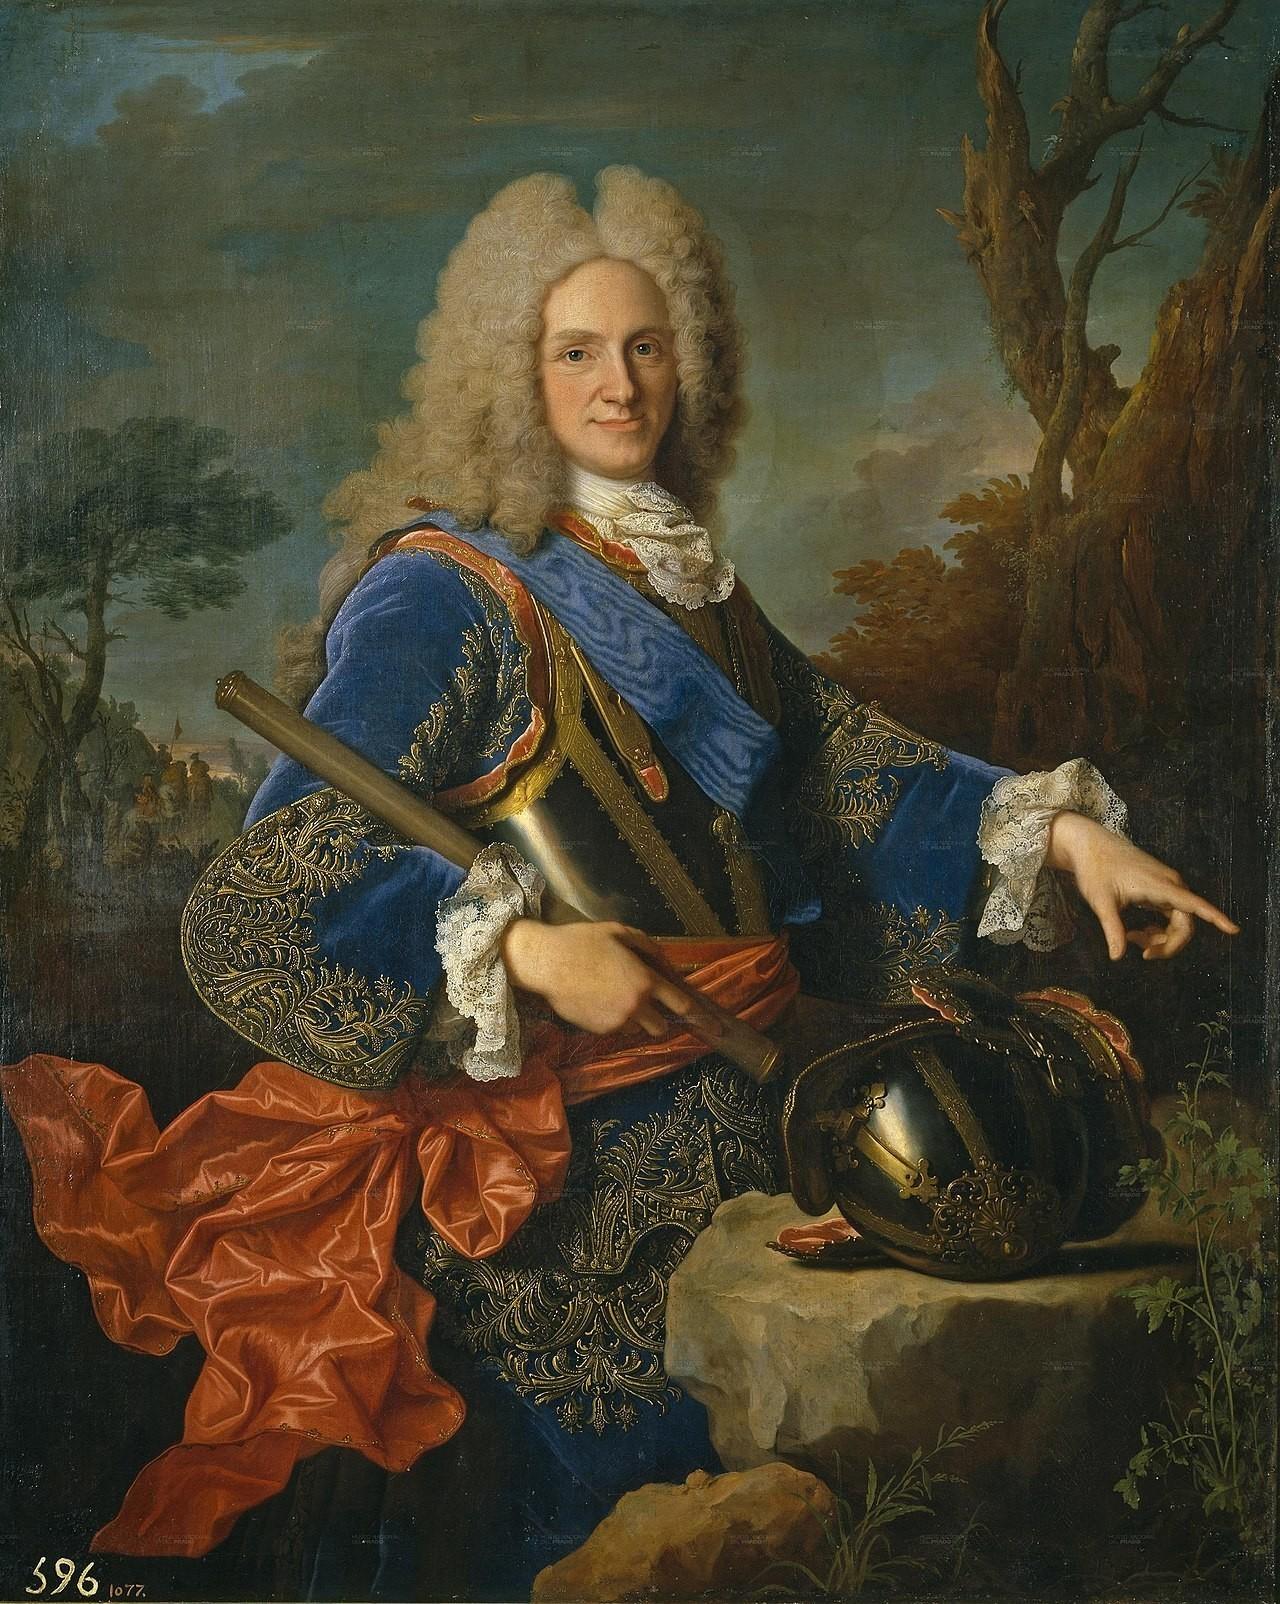 ルイ 14 世 弟 ルイ14世 (フランス王) - Wikipedia